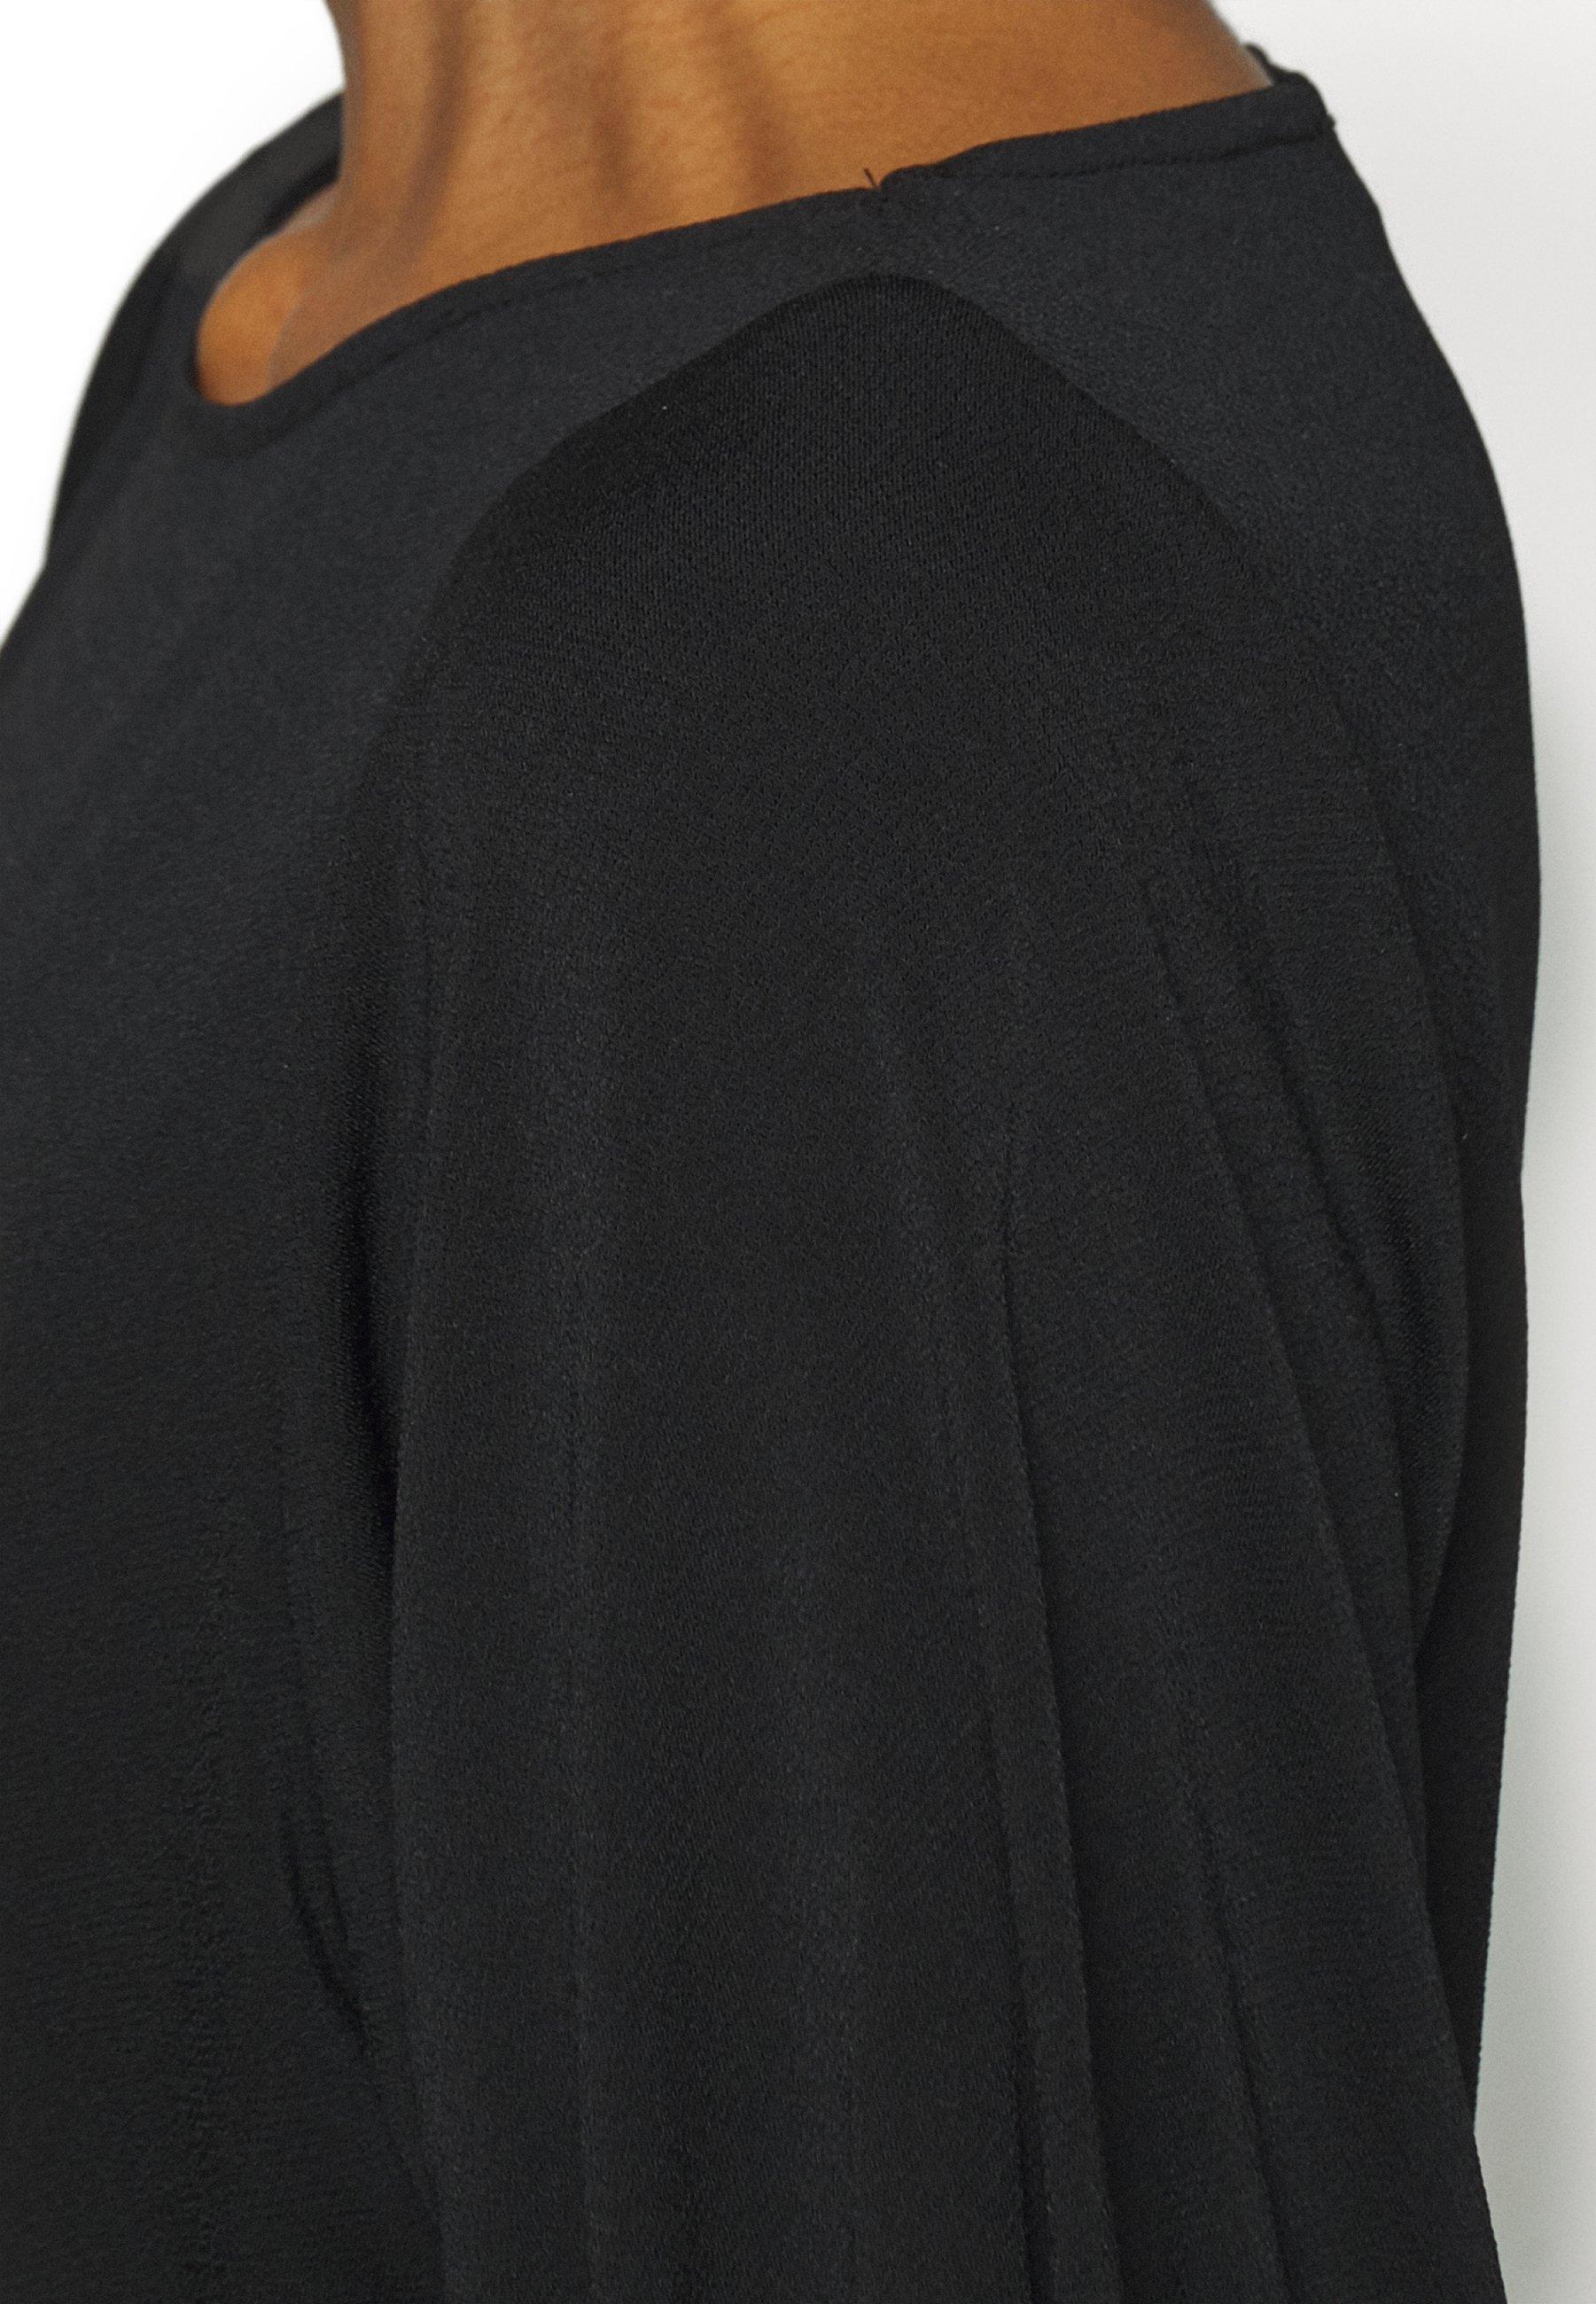 Opus Spela - T-shirts Med Print Black/svart